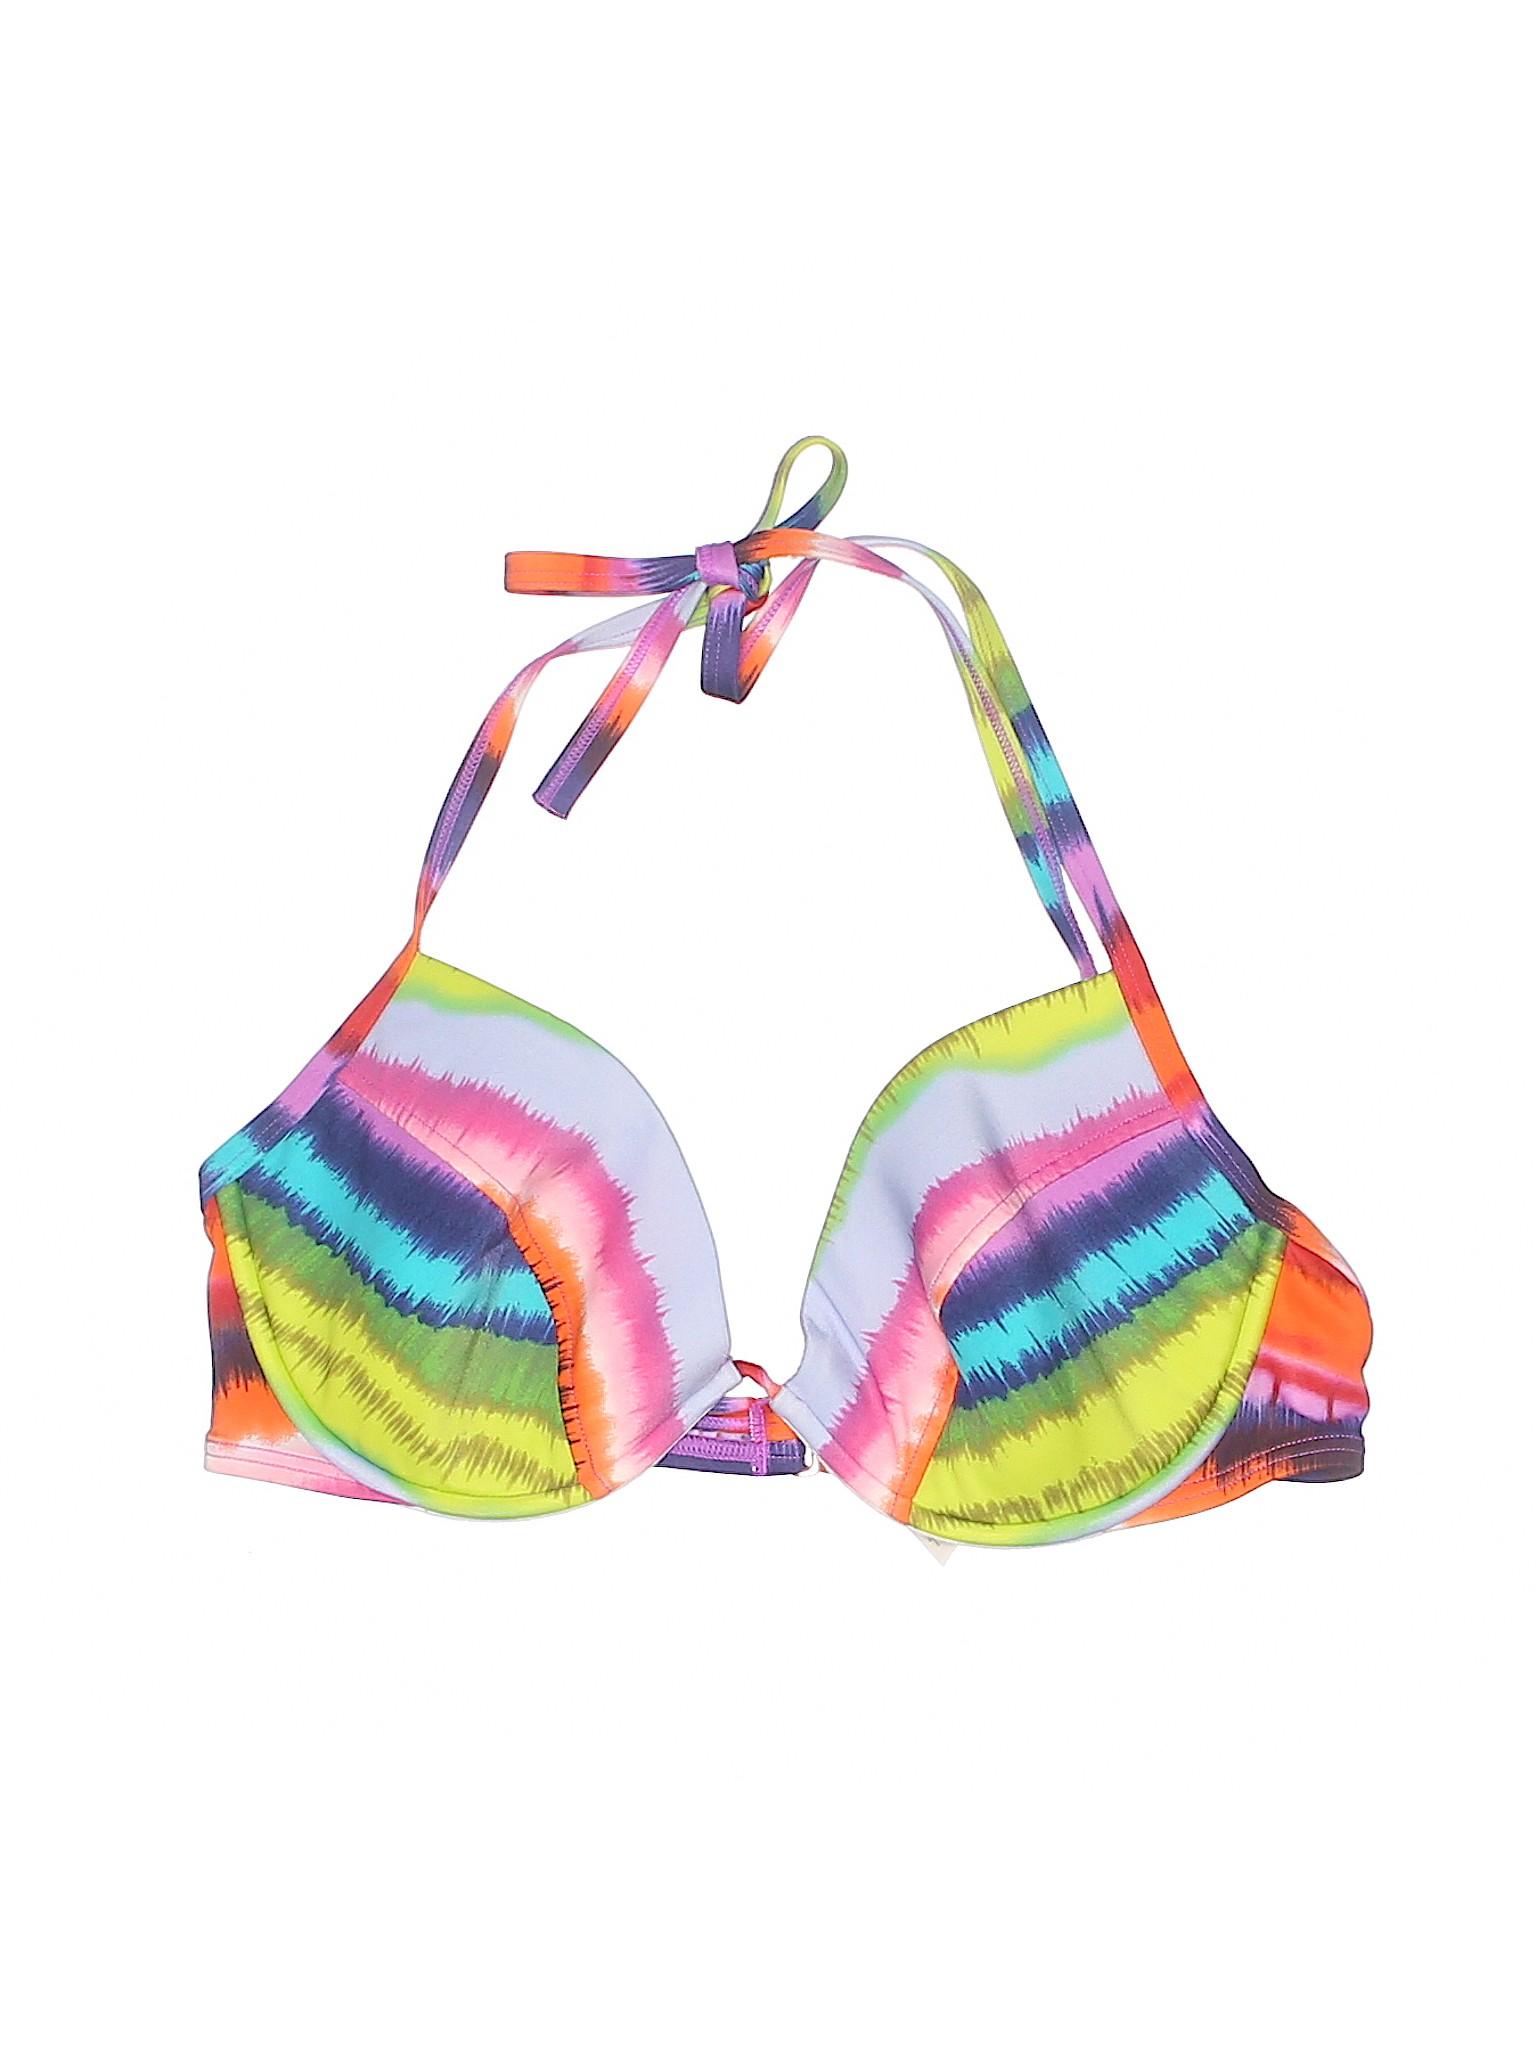 Secret Swimsuit Boutique Boutique Top Victoria's Victoria's zwxqzgfpZ